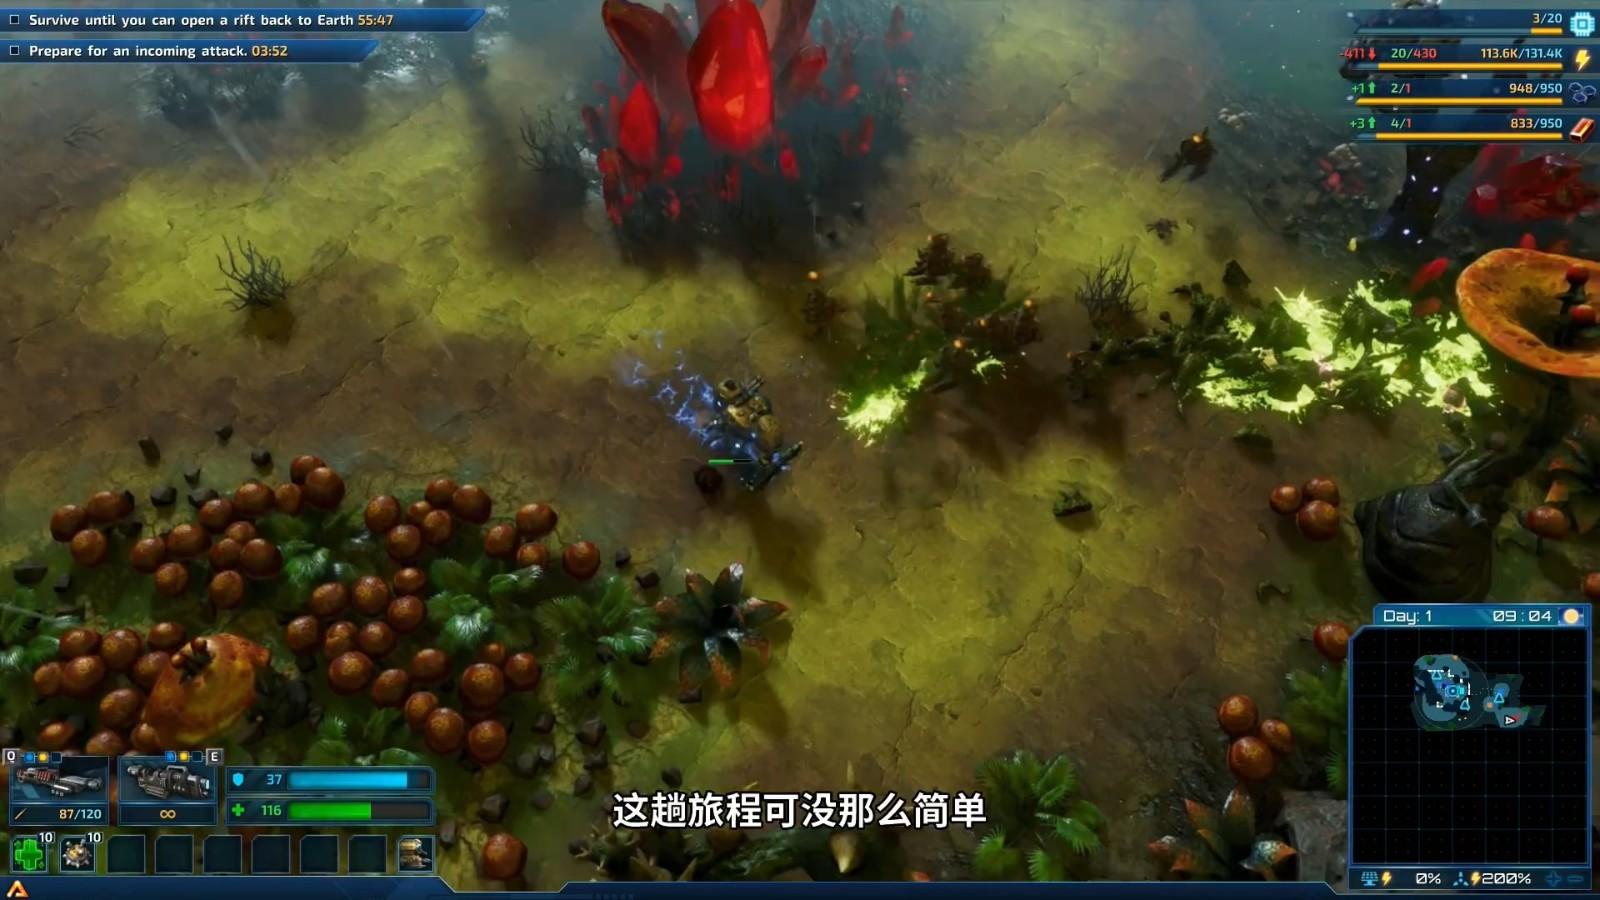 高能电玩节:机甲RPG《银河破裂者》发售日宣传片插图3